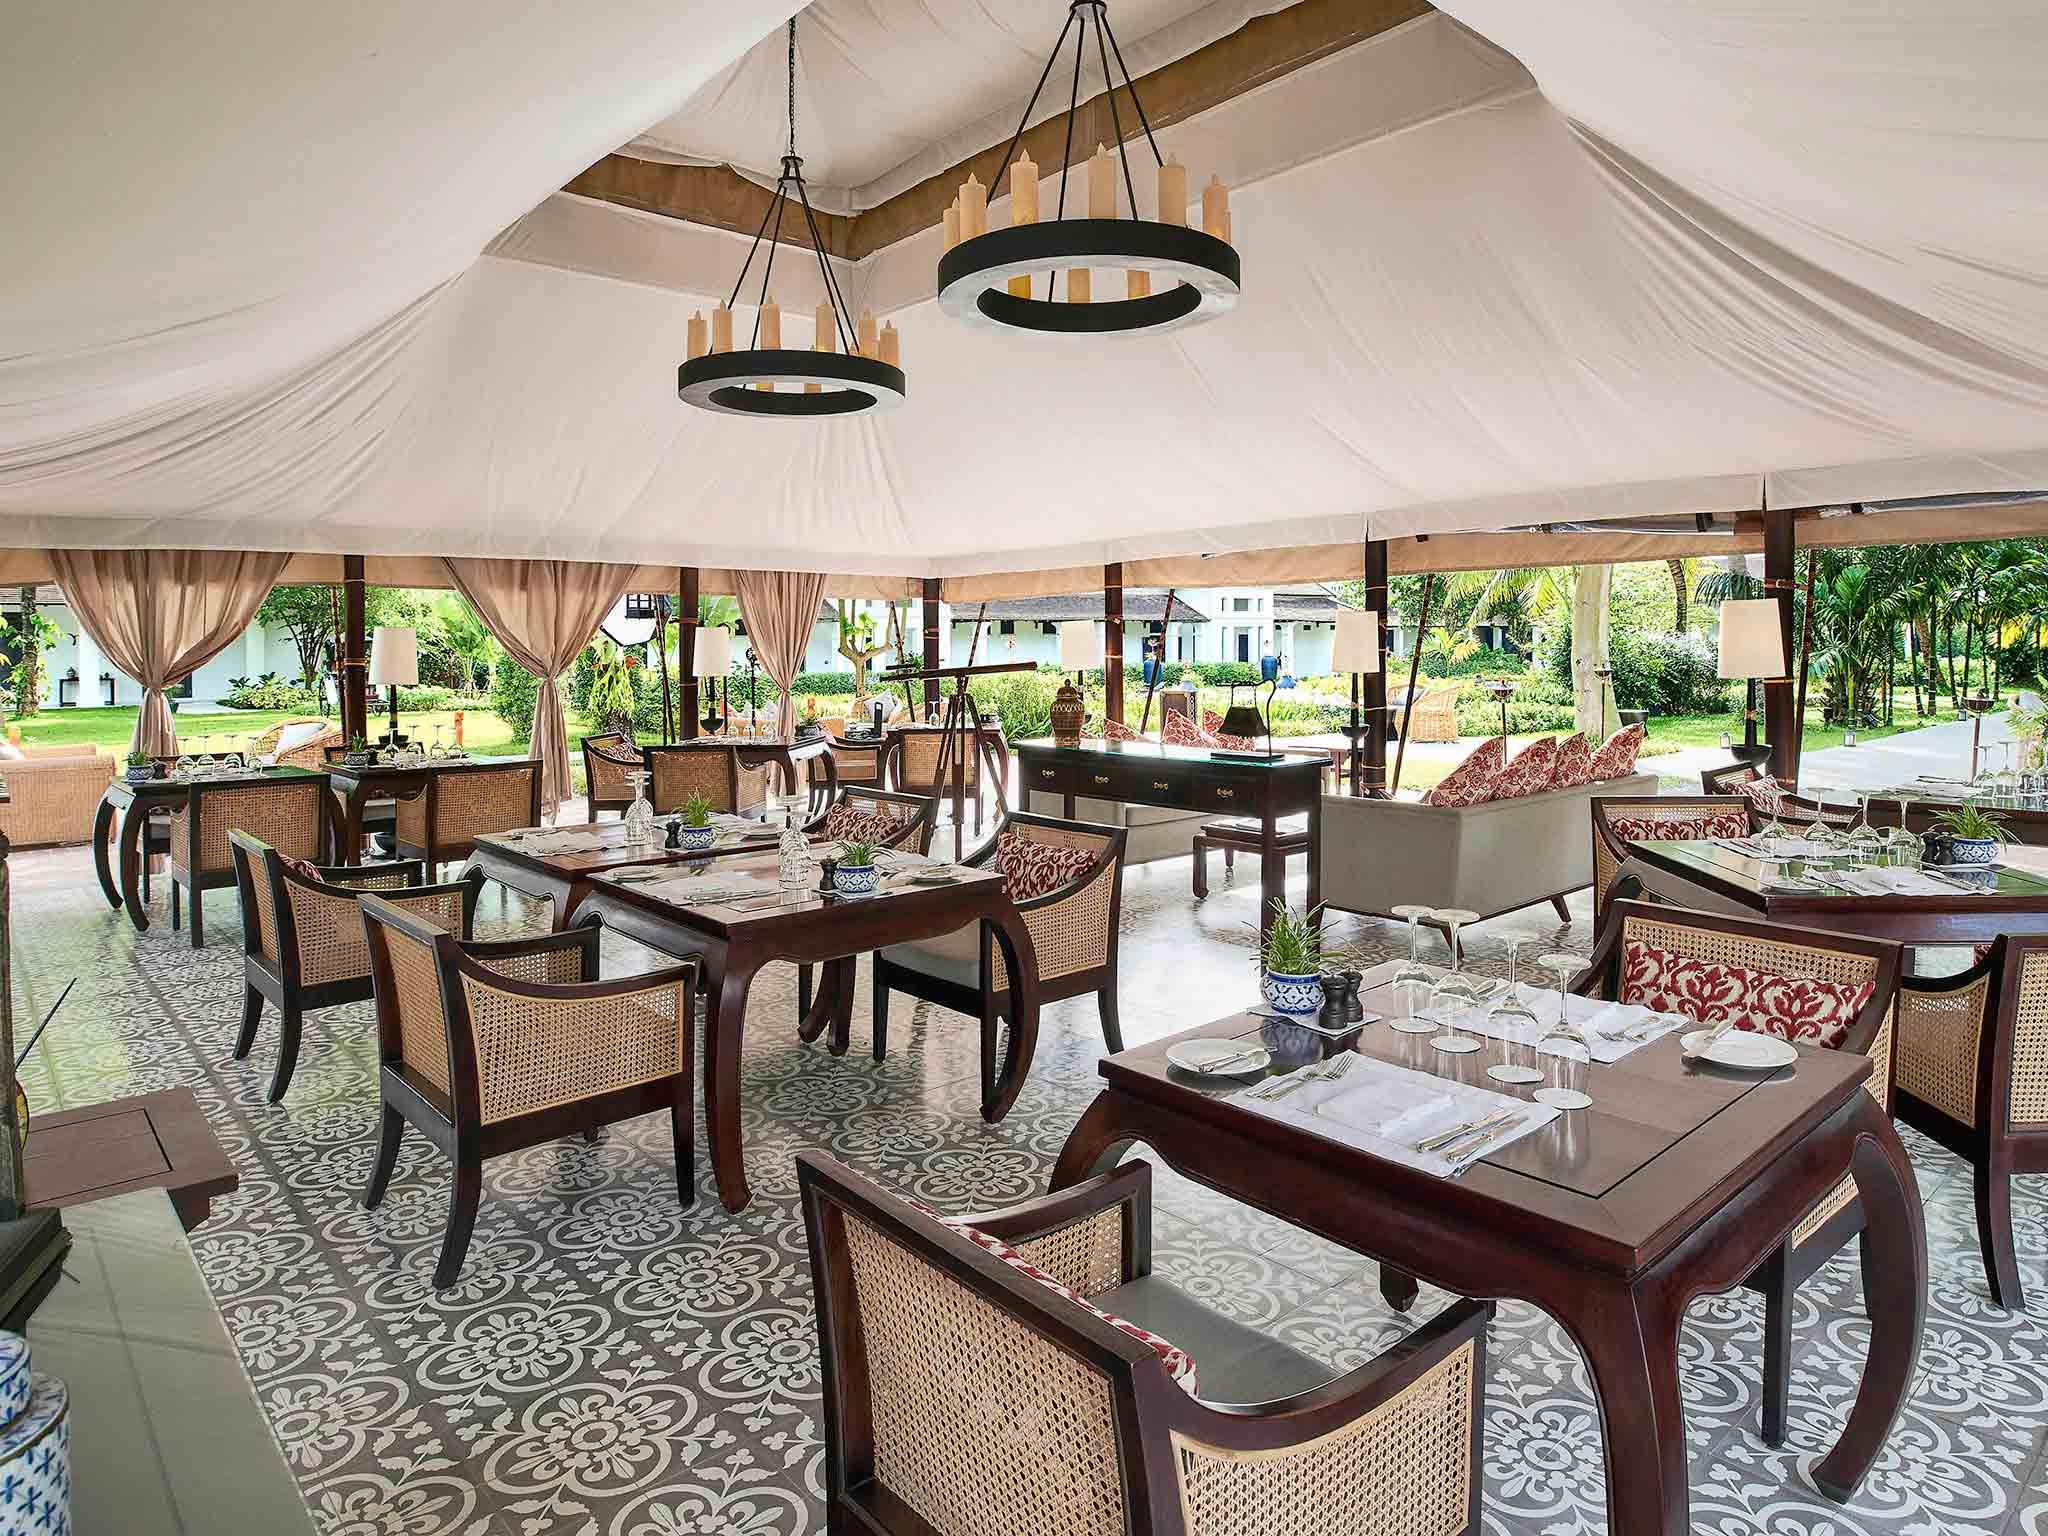 hotel in luang prabang sofitel luang prabang restaurant sofitel luang prabang